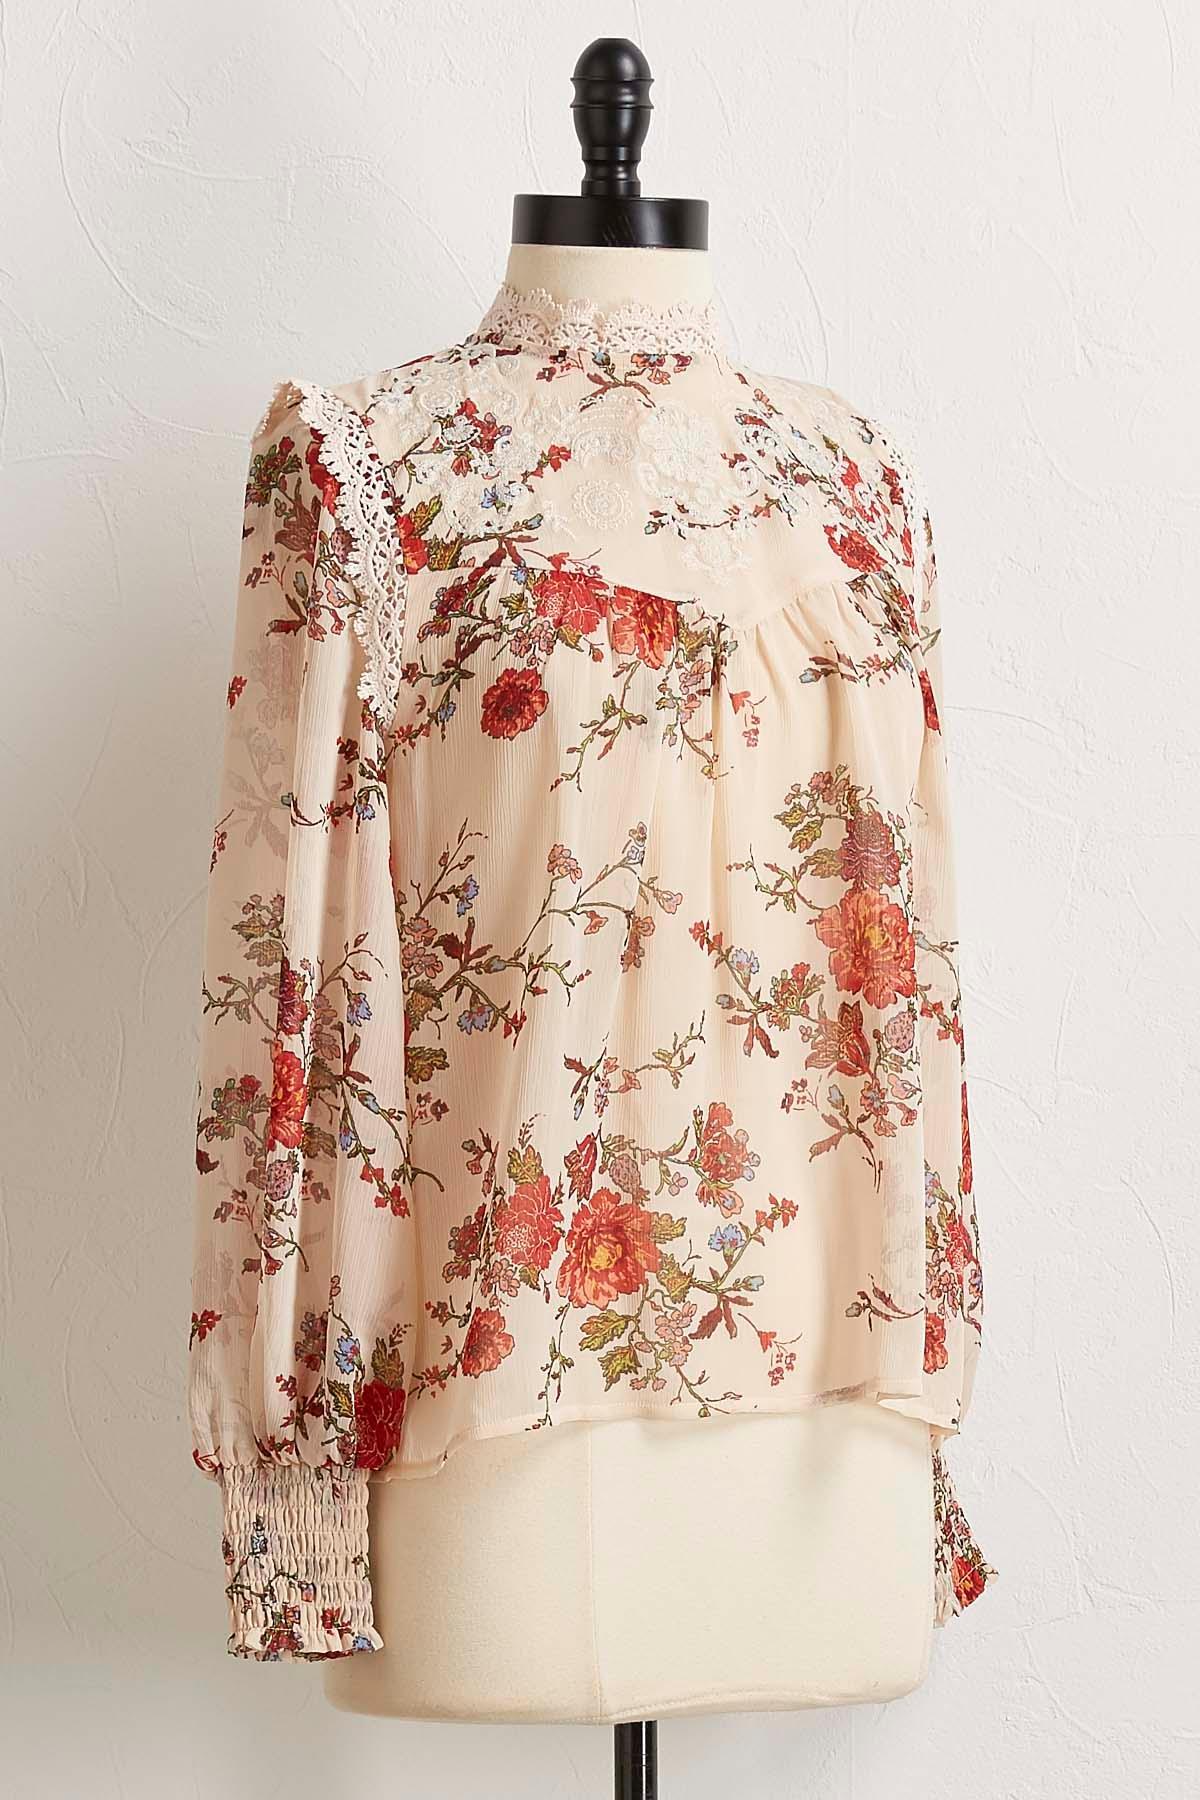 Vintage Floral Lace Trim Top